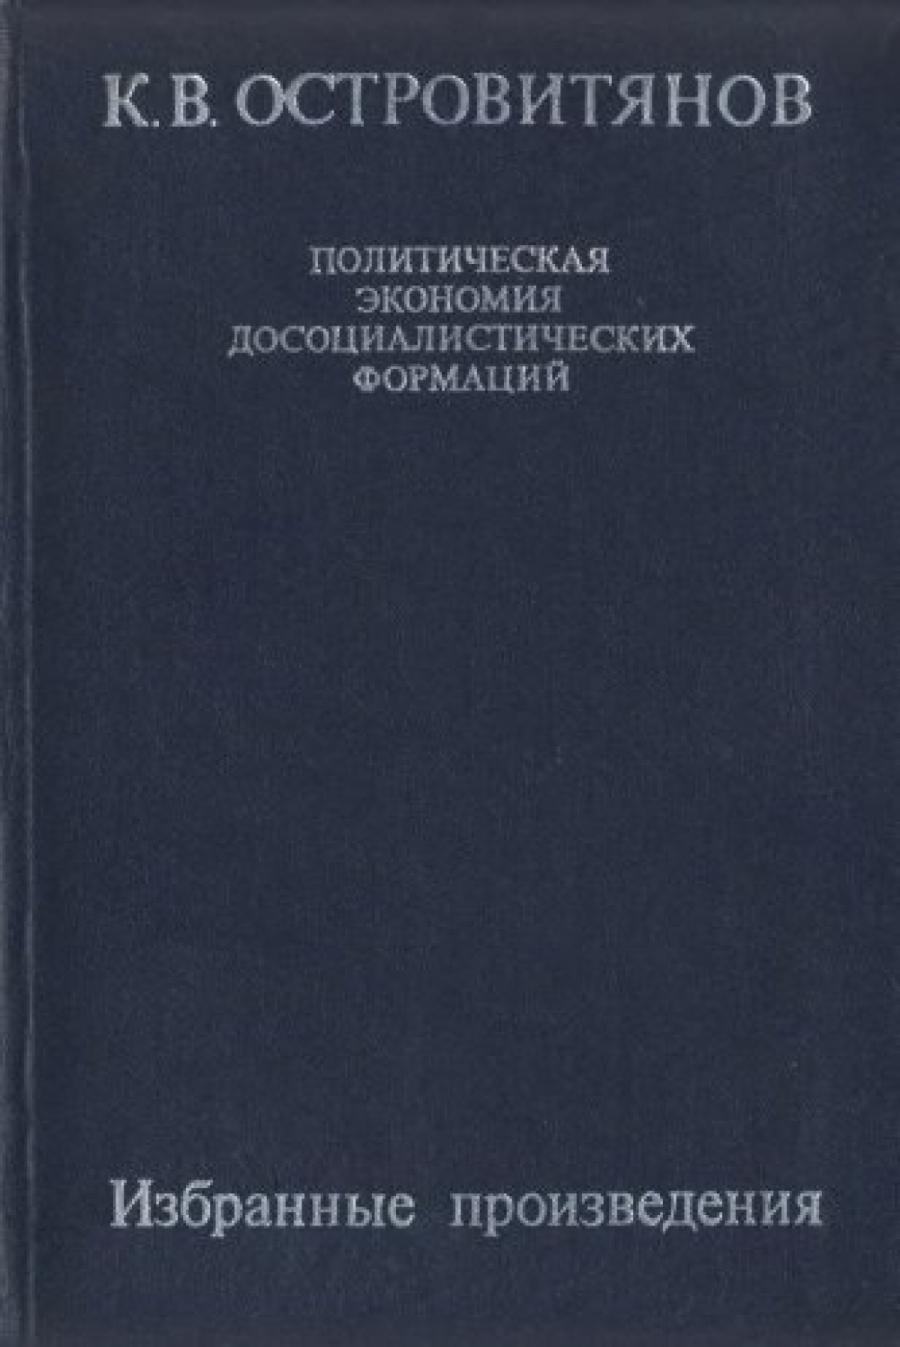 Обложка книги:  островитянов к.в. - политическая экономия досоциалистических формаций